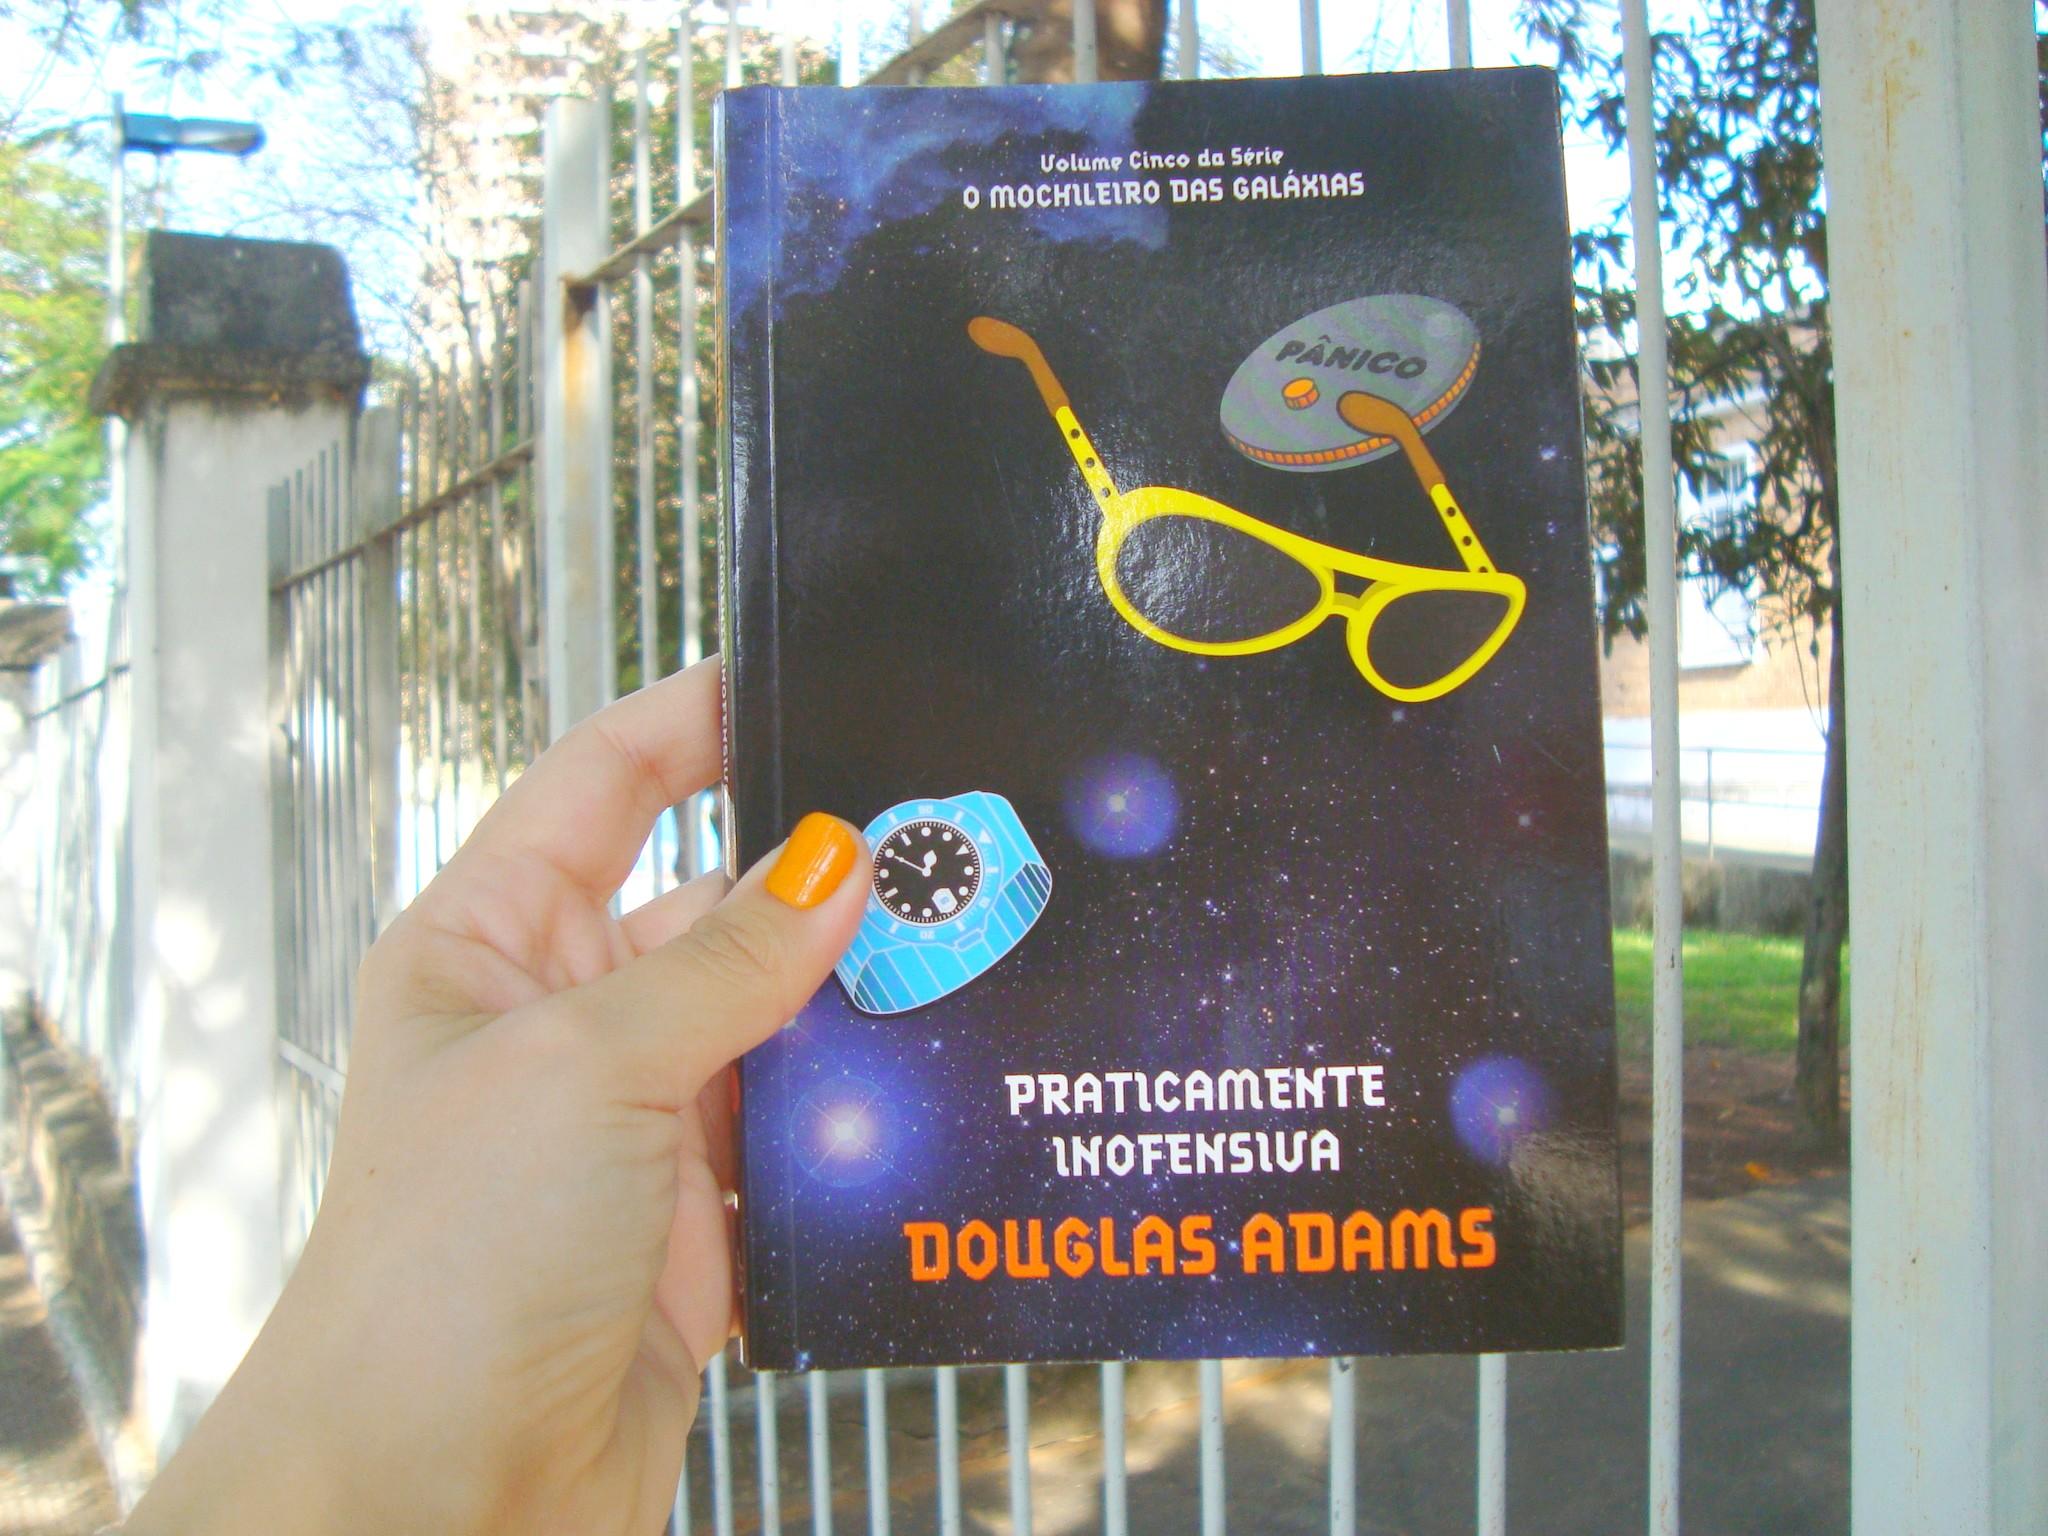 Capa do livro Praticamente inofensiva da série O Guia do Mochileiro das Galáxias